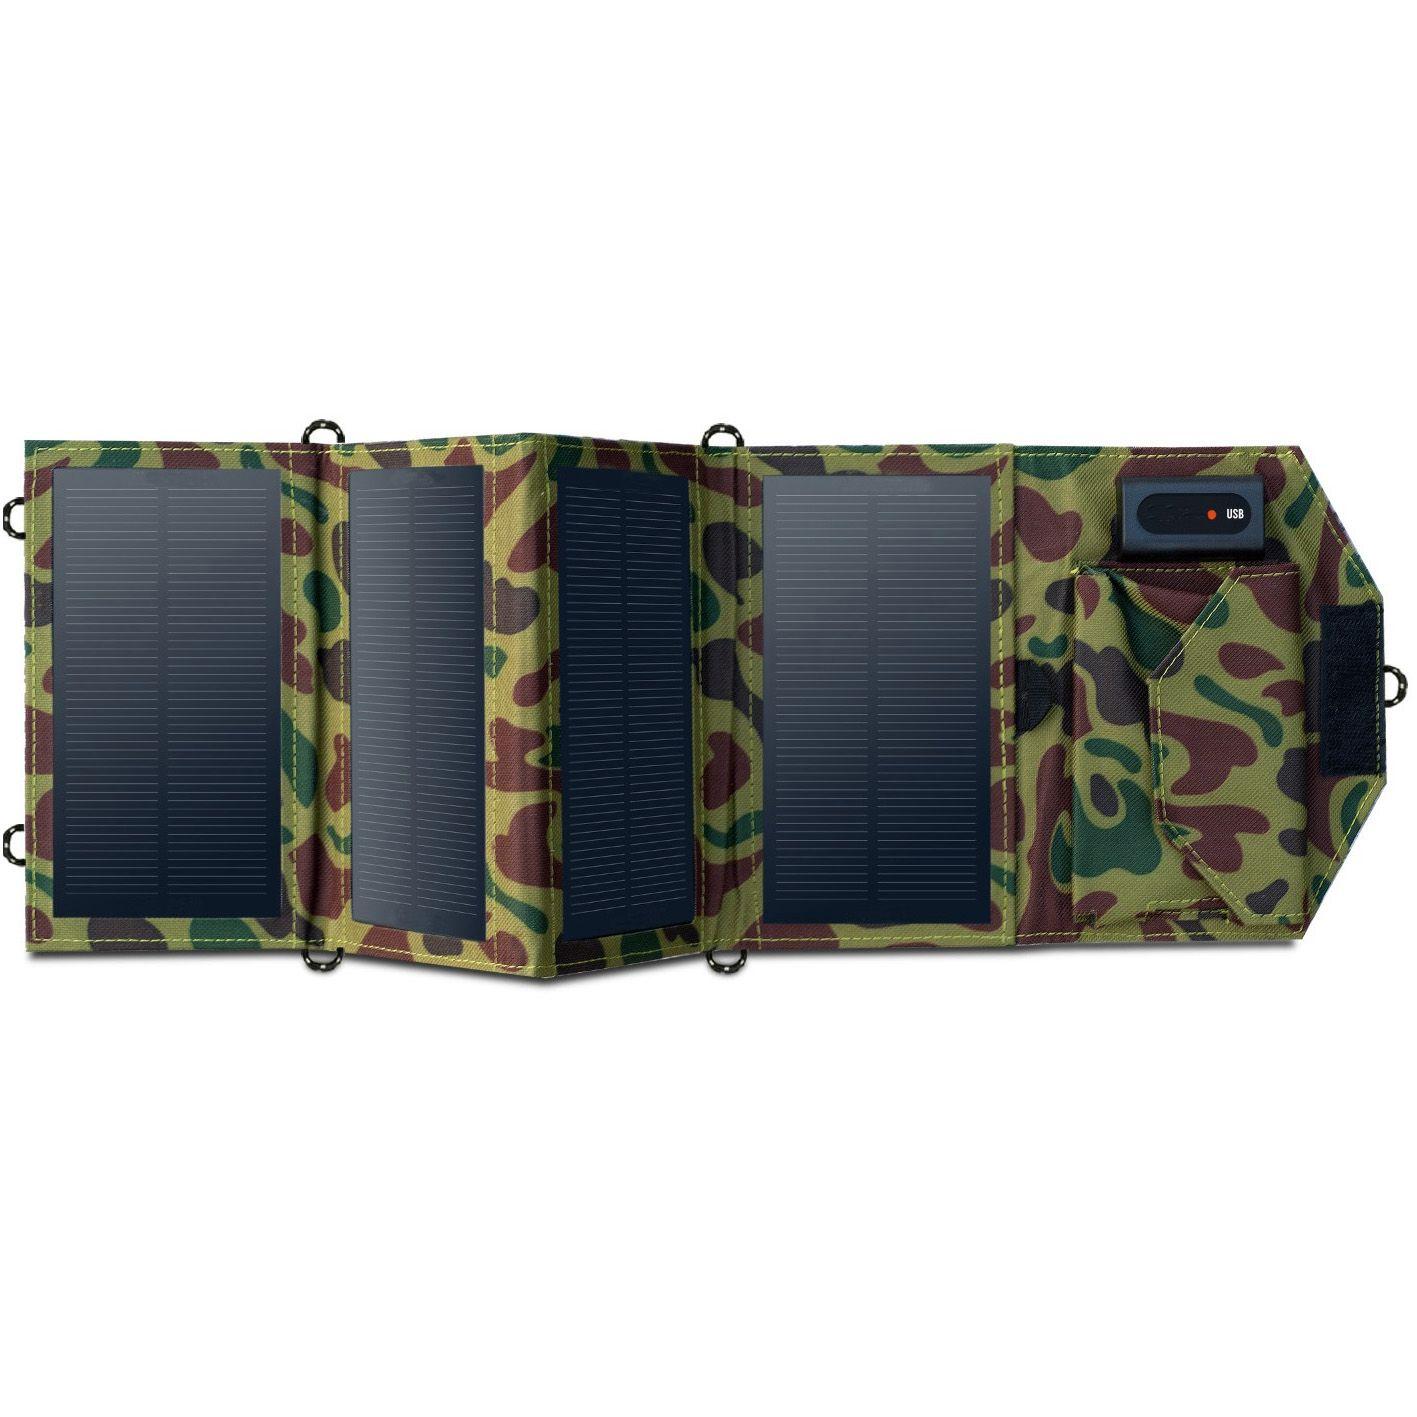 Pannello solare pieghevole a energia libera da 7 W con uscita USB DC5V come caricabatterie mobile ad energia solare